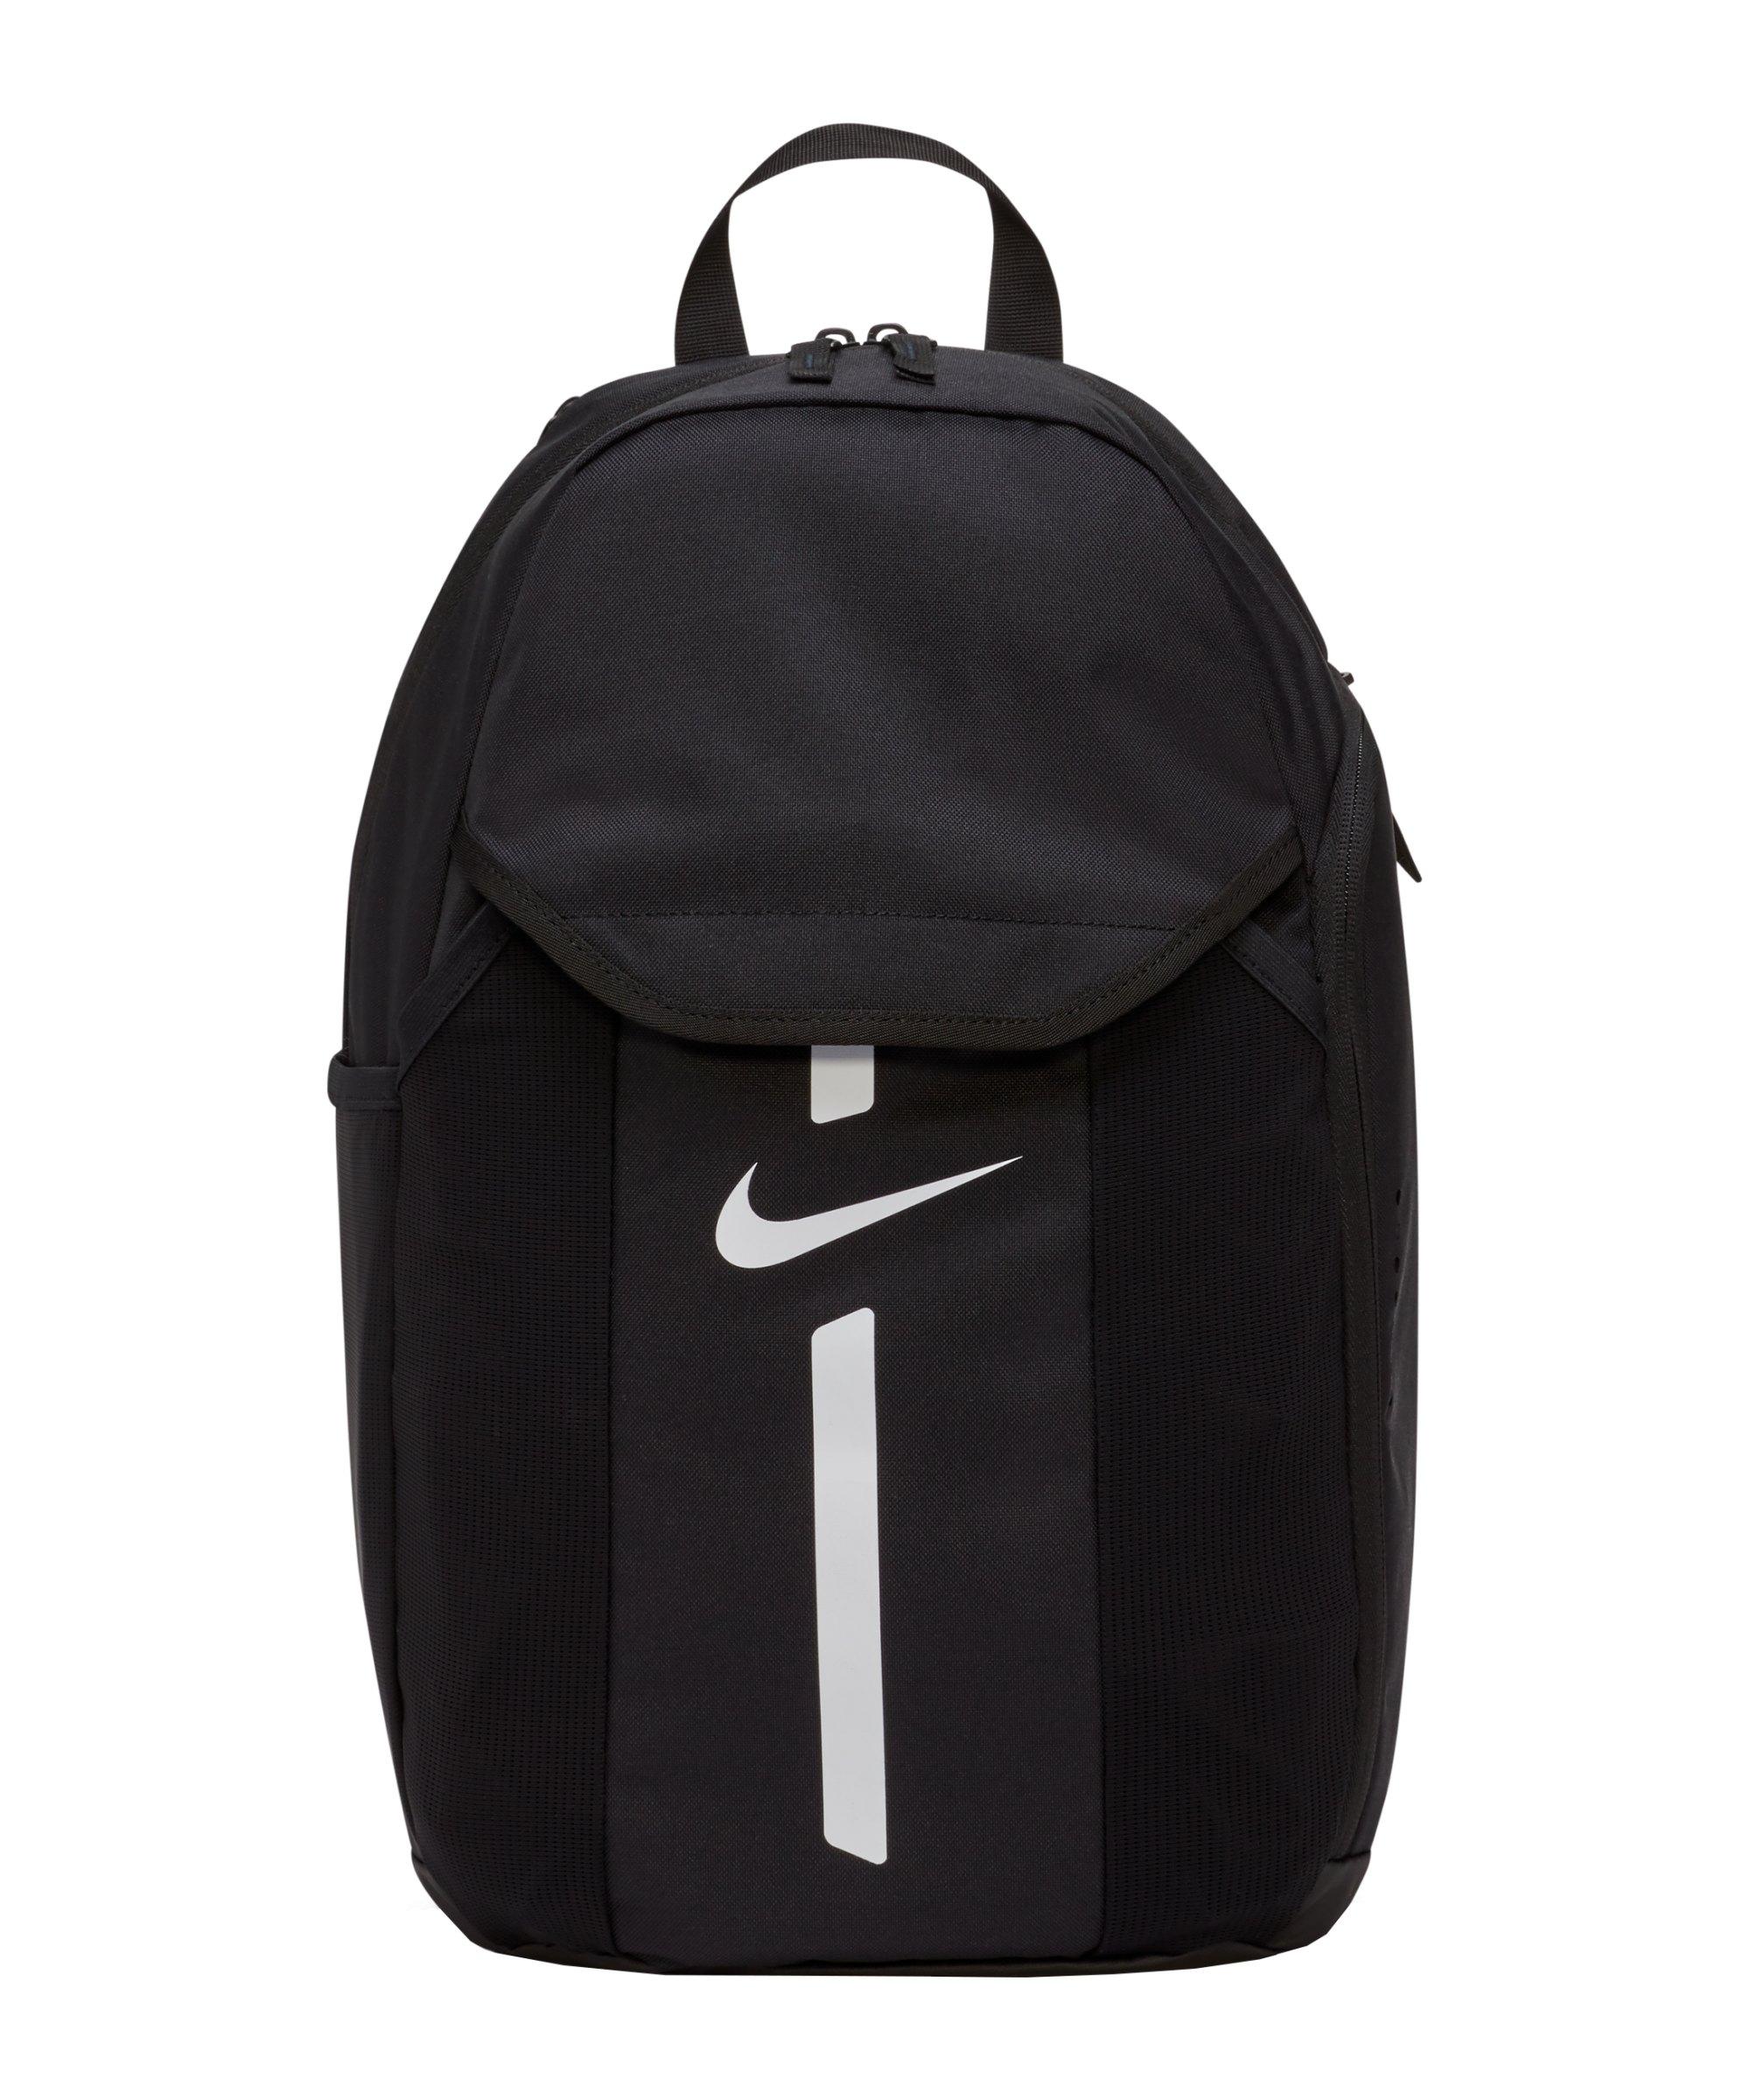 Nike Academy Team Rucksack Schwarz F010 - schwarz